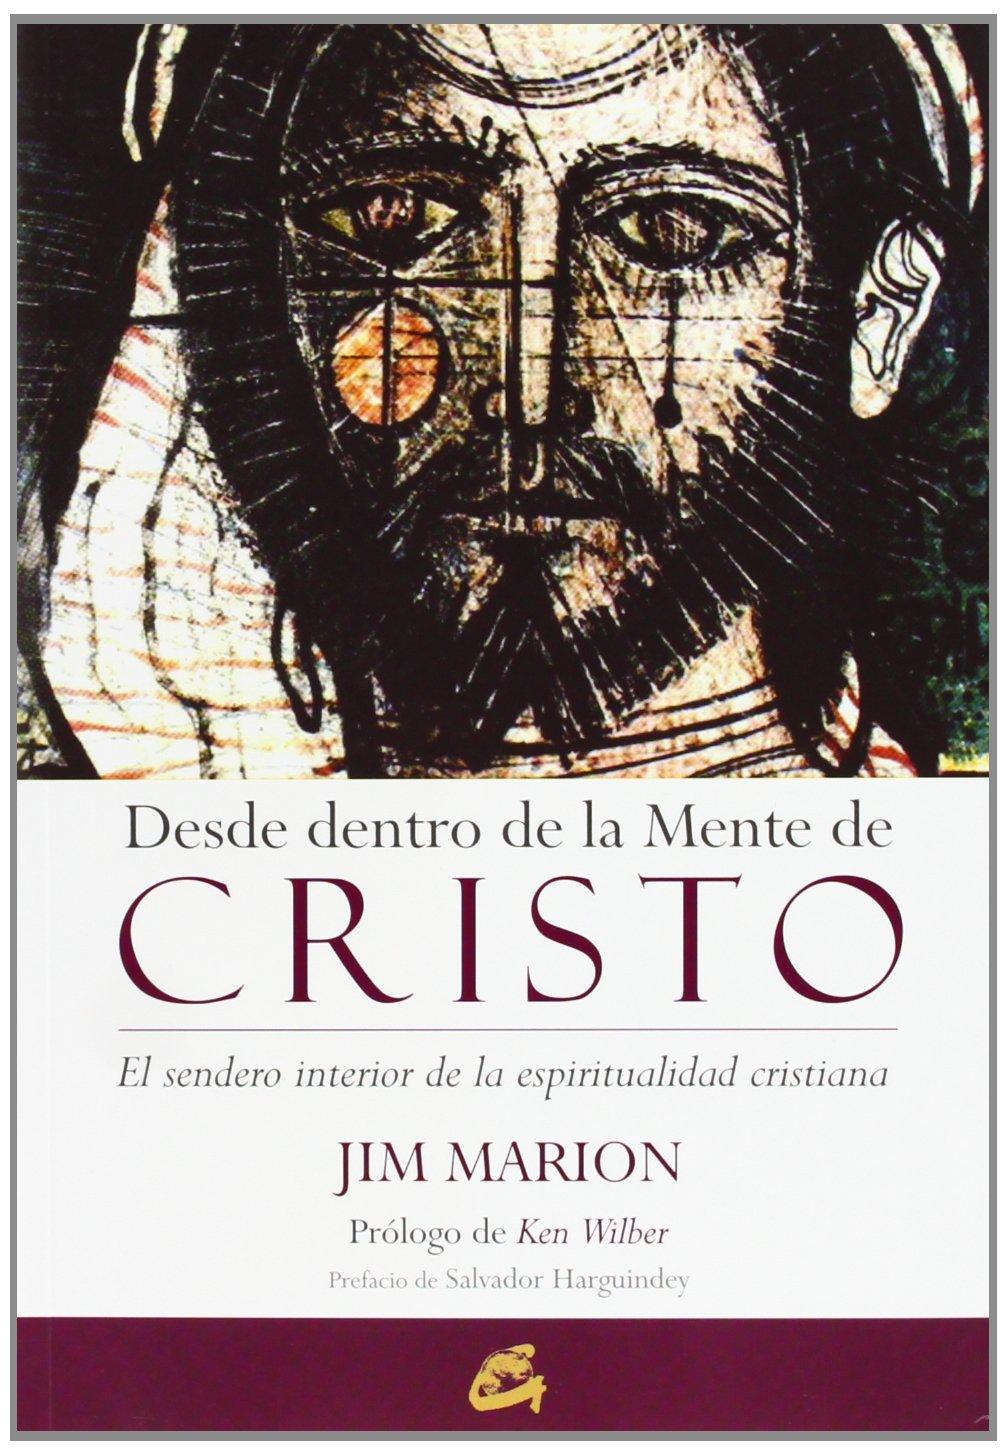 Desde dentro de la mente de Cristo: El sendero interior de la espiritualidad cristiana Conciencia Global: Amazon.es: Jim Marion, Ken Wilber, Carlos Ossés ...